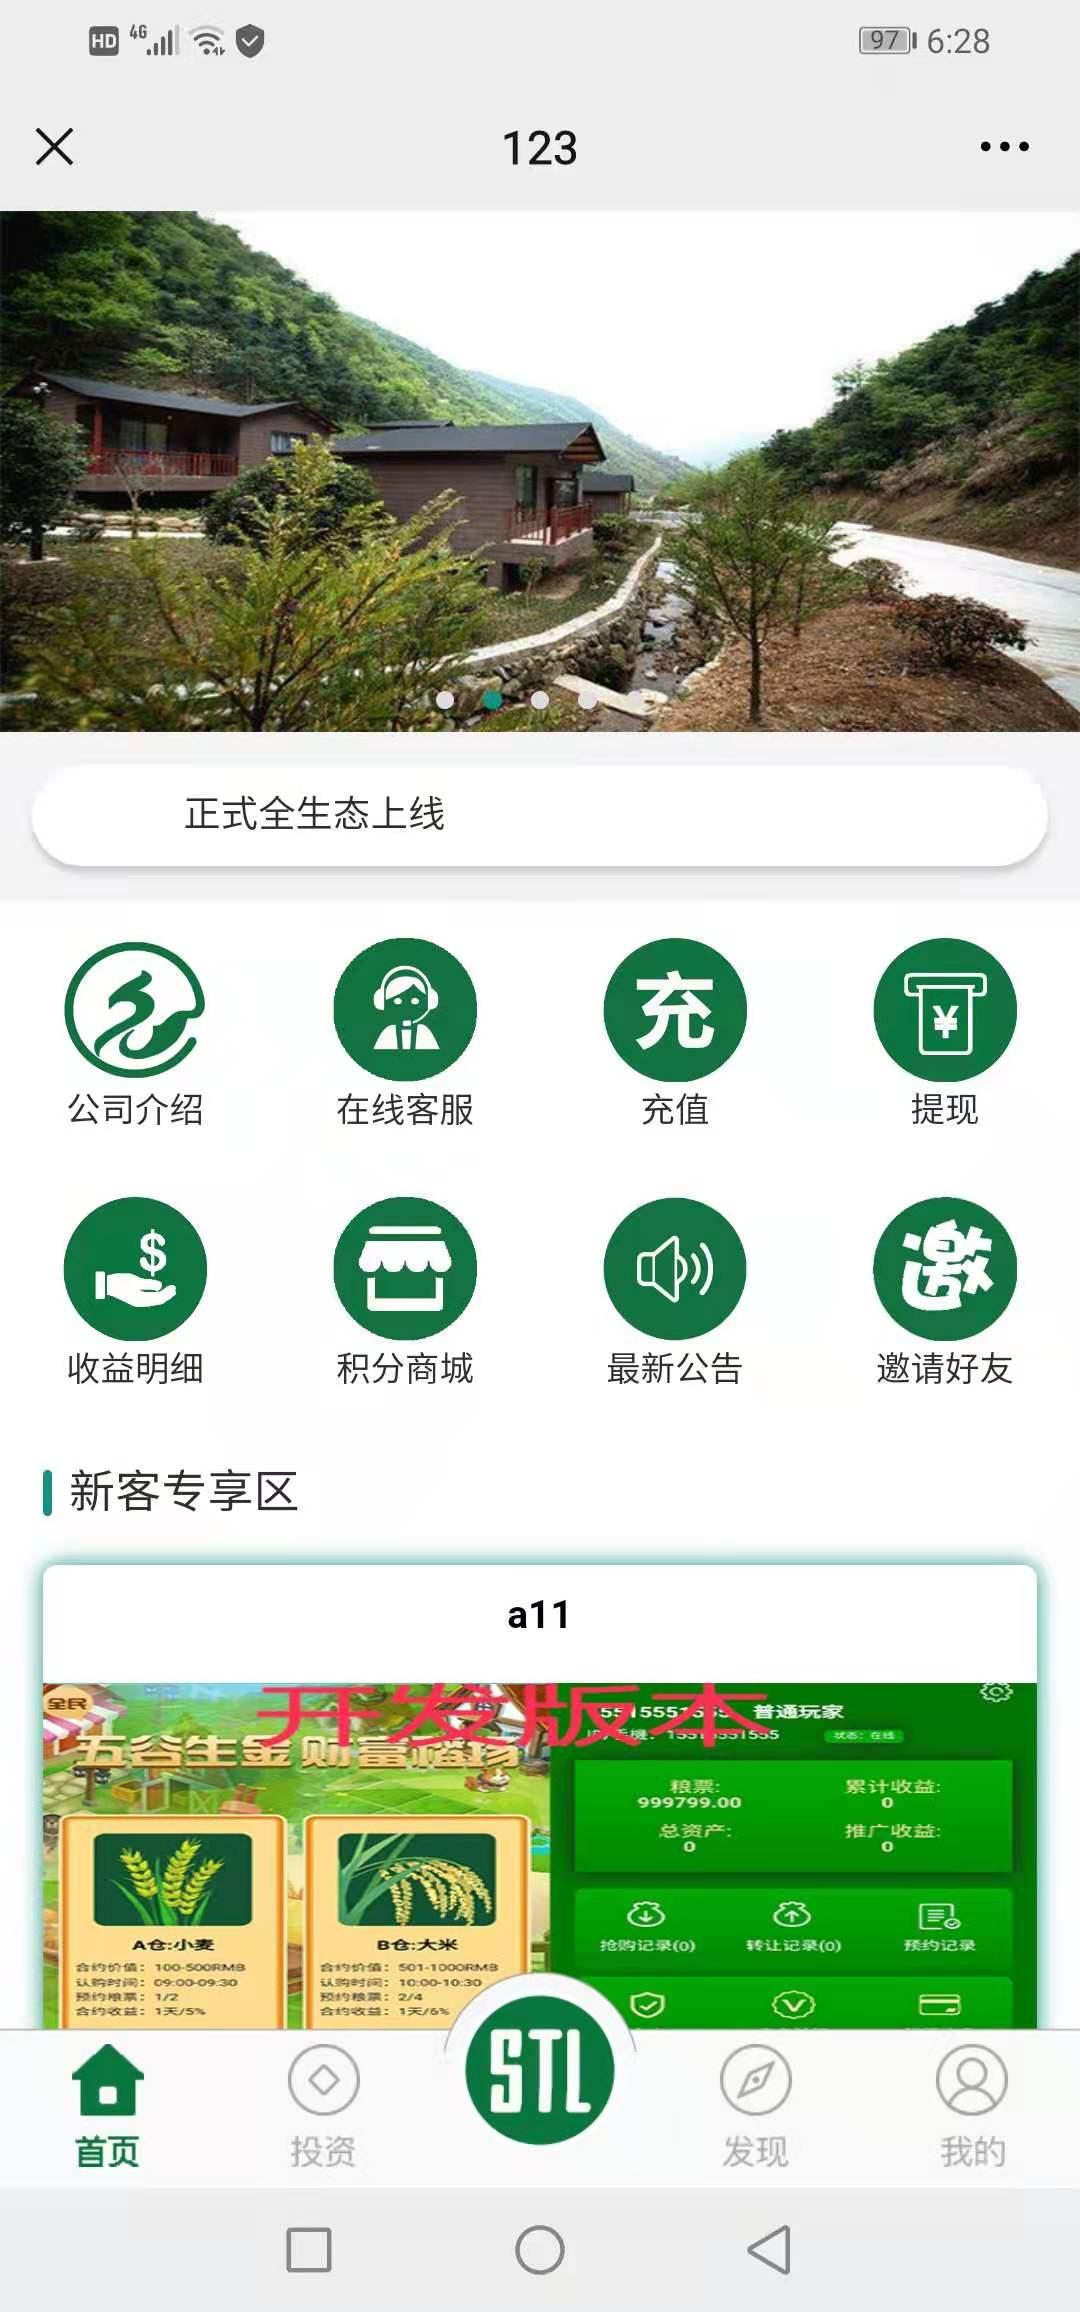 投资理财网站源码生态农庄开发版,分红源码带积分商城!